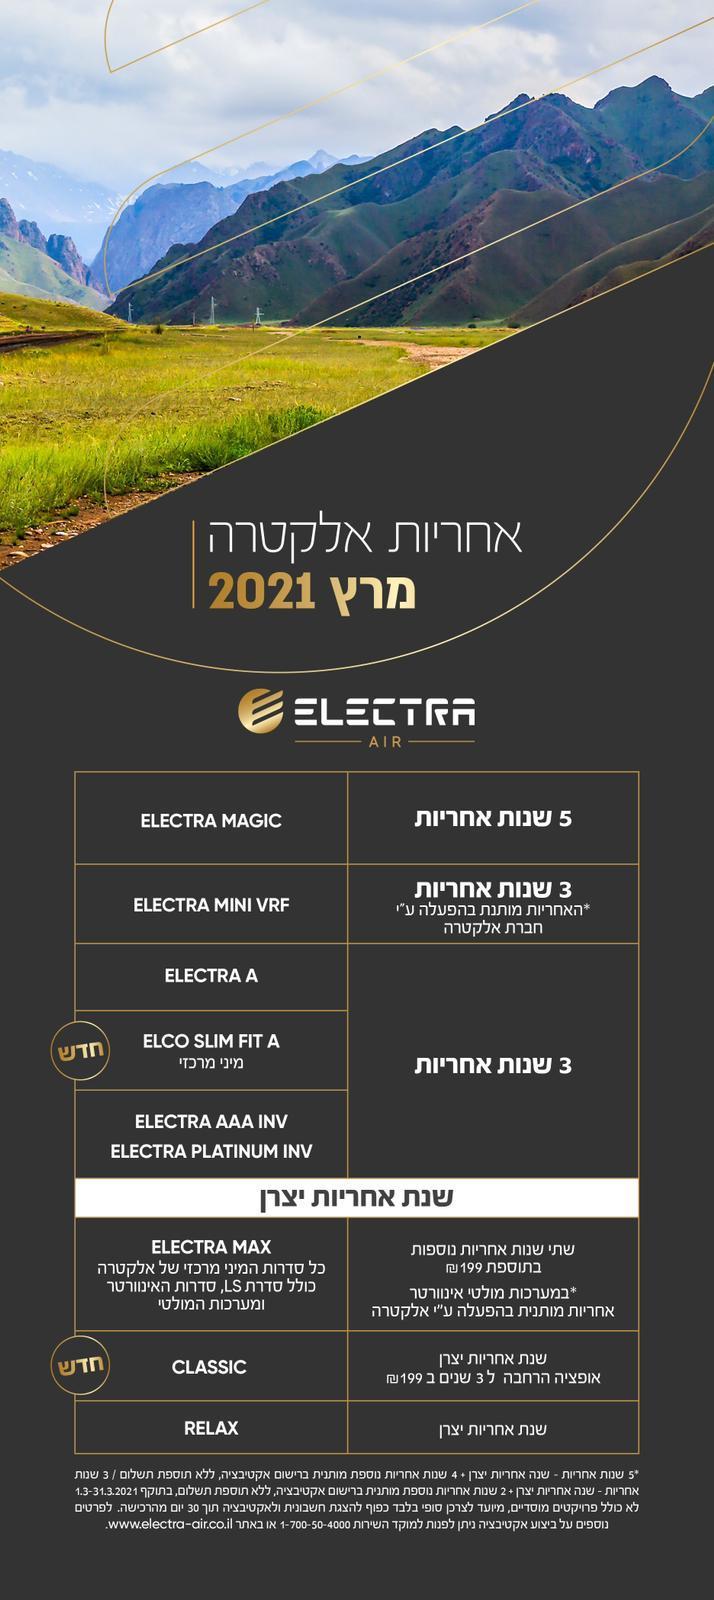 אחריות אלקטרה מרץ 2021